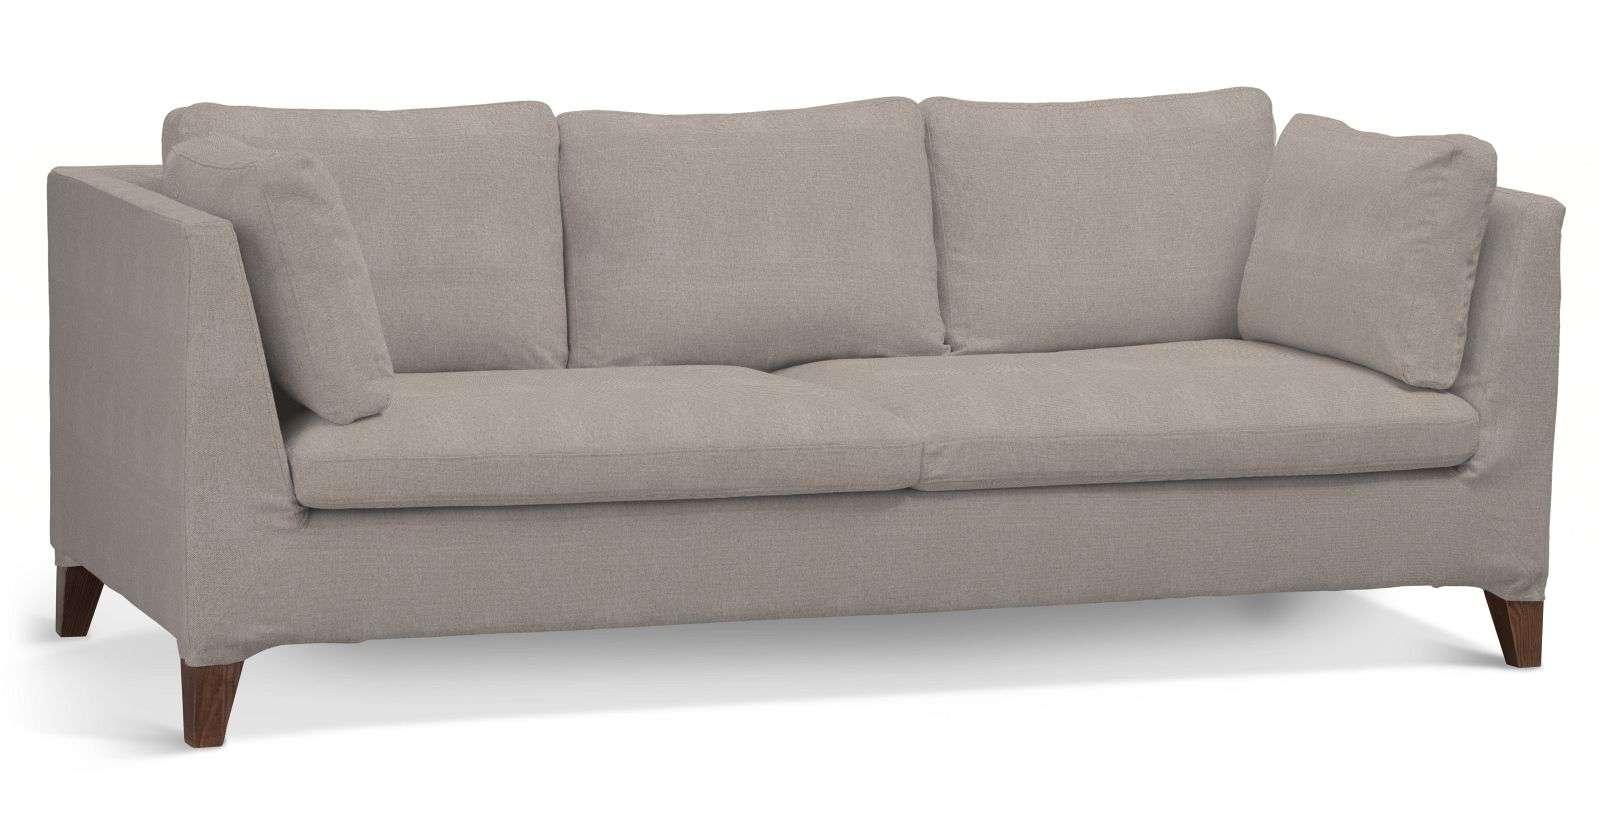 Pokrowiec na sofę Stockholm 3-osobową sofa Stockholm 3-osobowa w kolekcji Etna , tkanina: 705-09